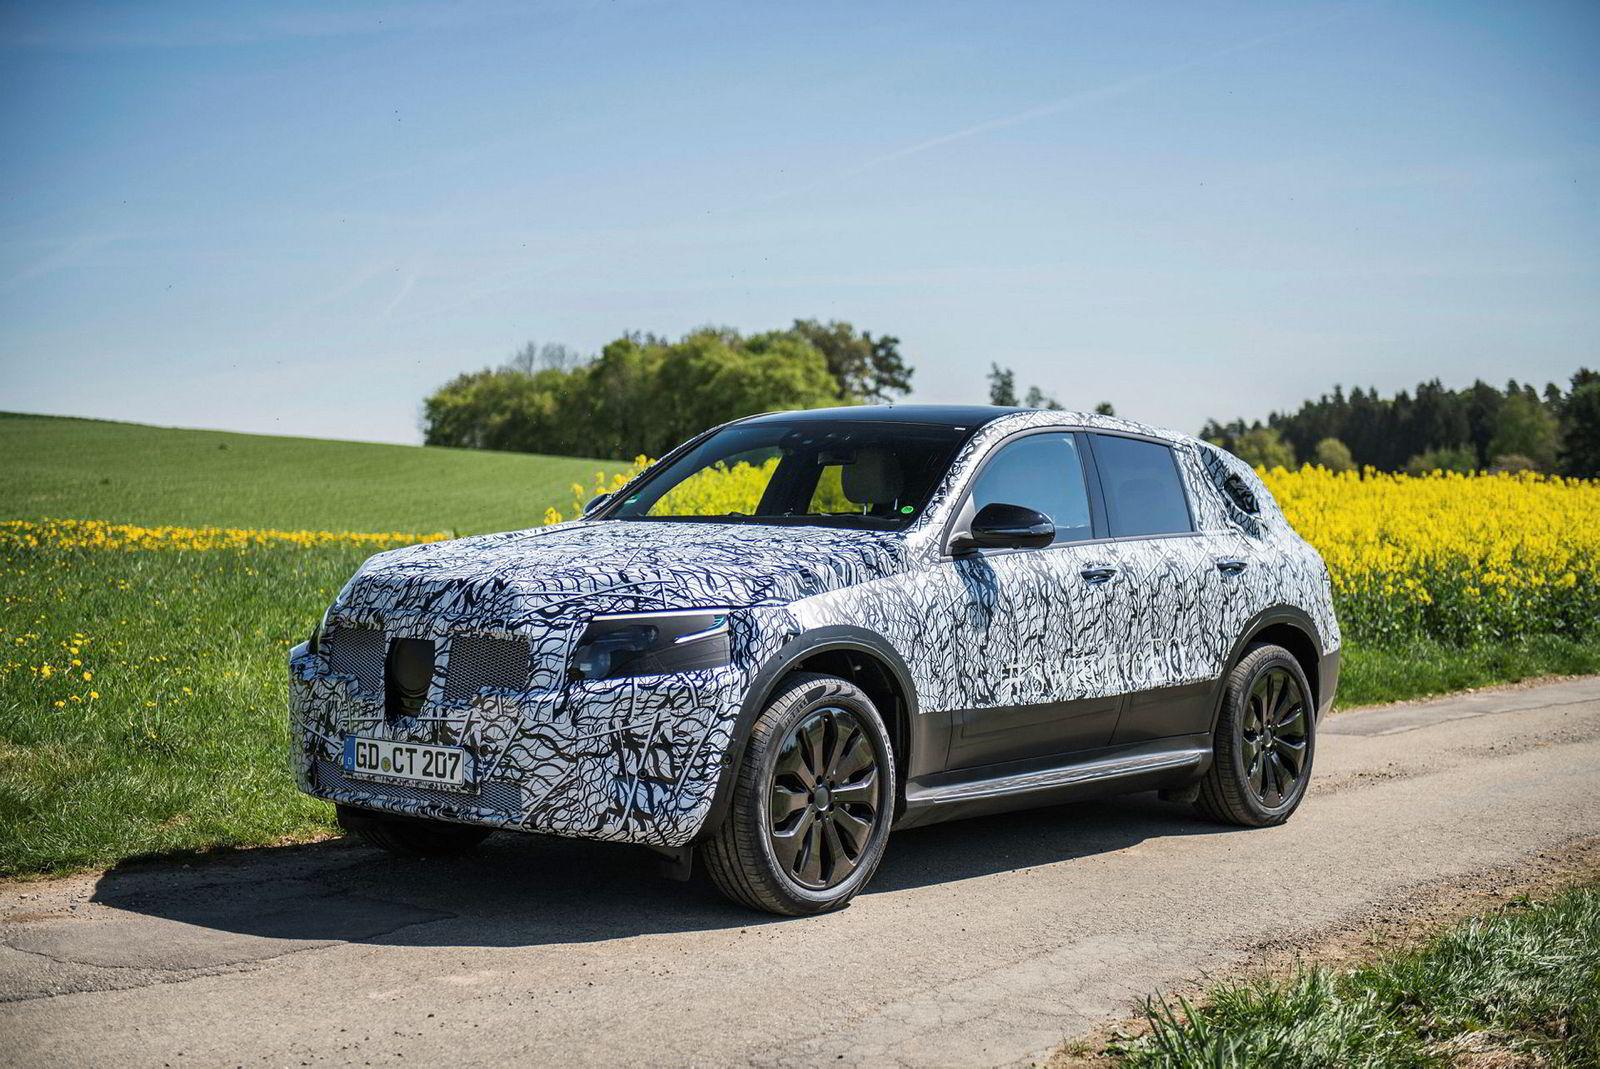 Bilen går i strupen på Jaguar I-Pace og Audi E-Tron, når den kommer i 2019.